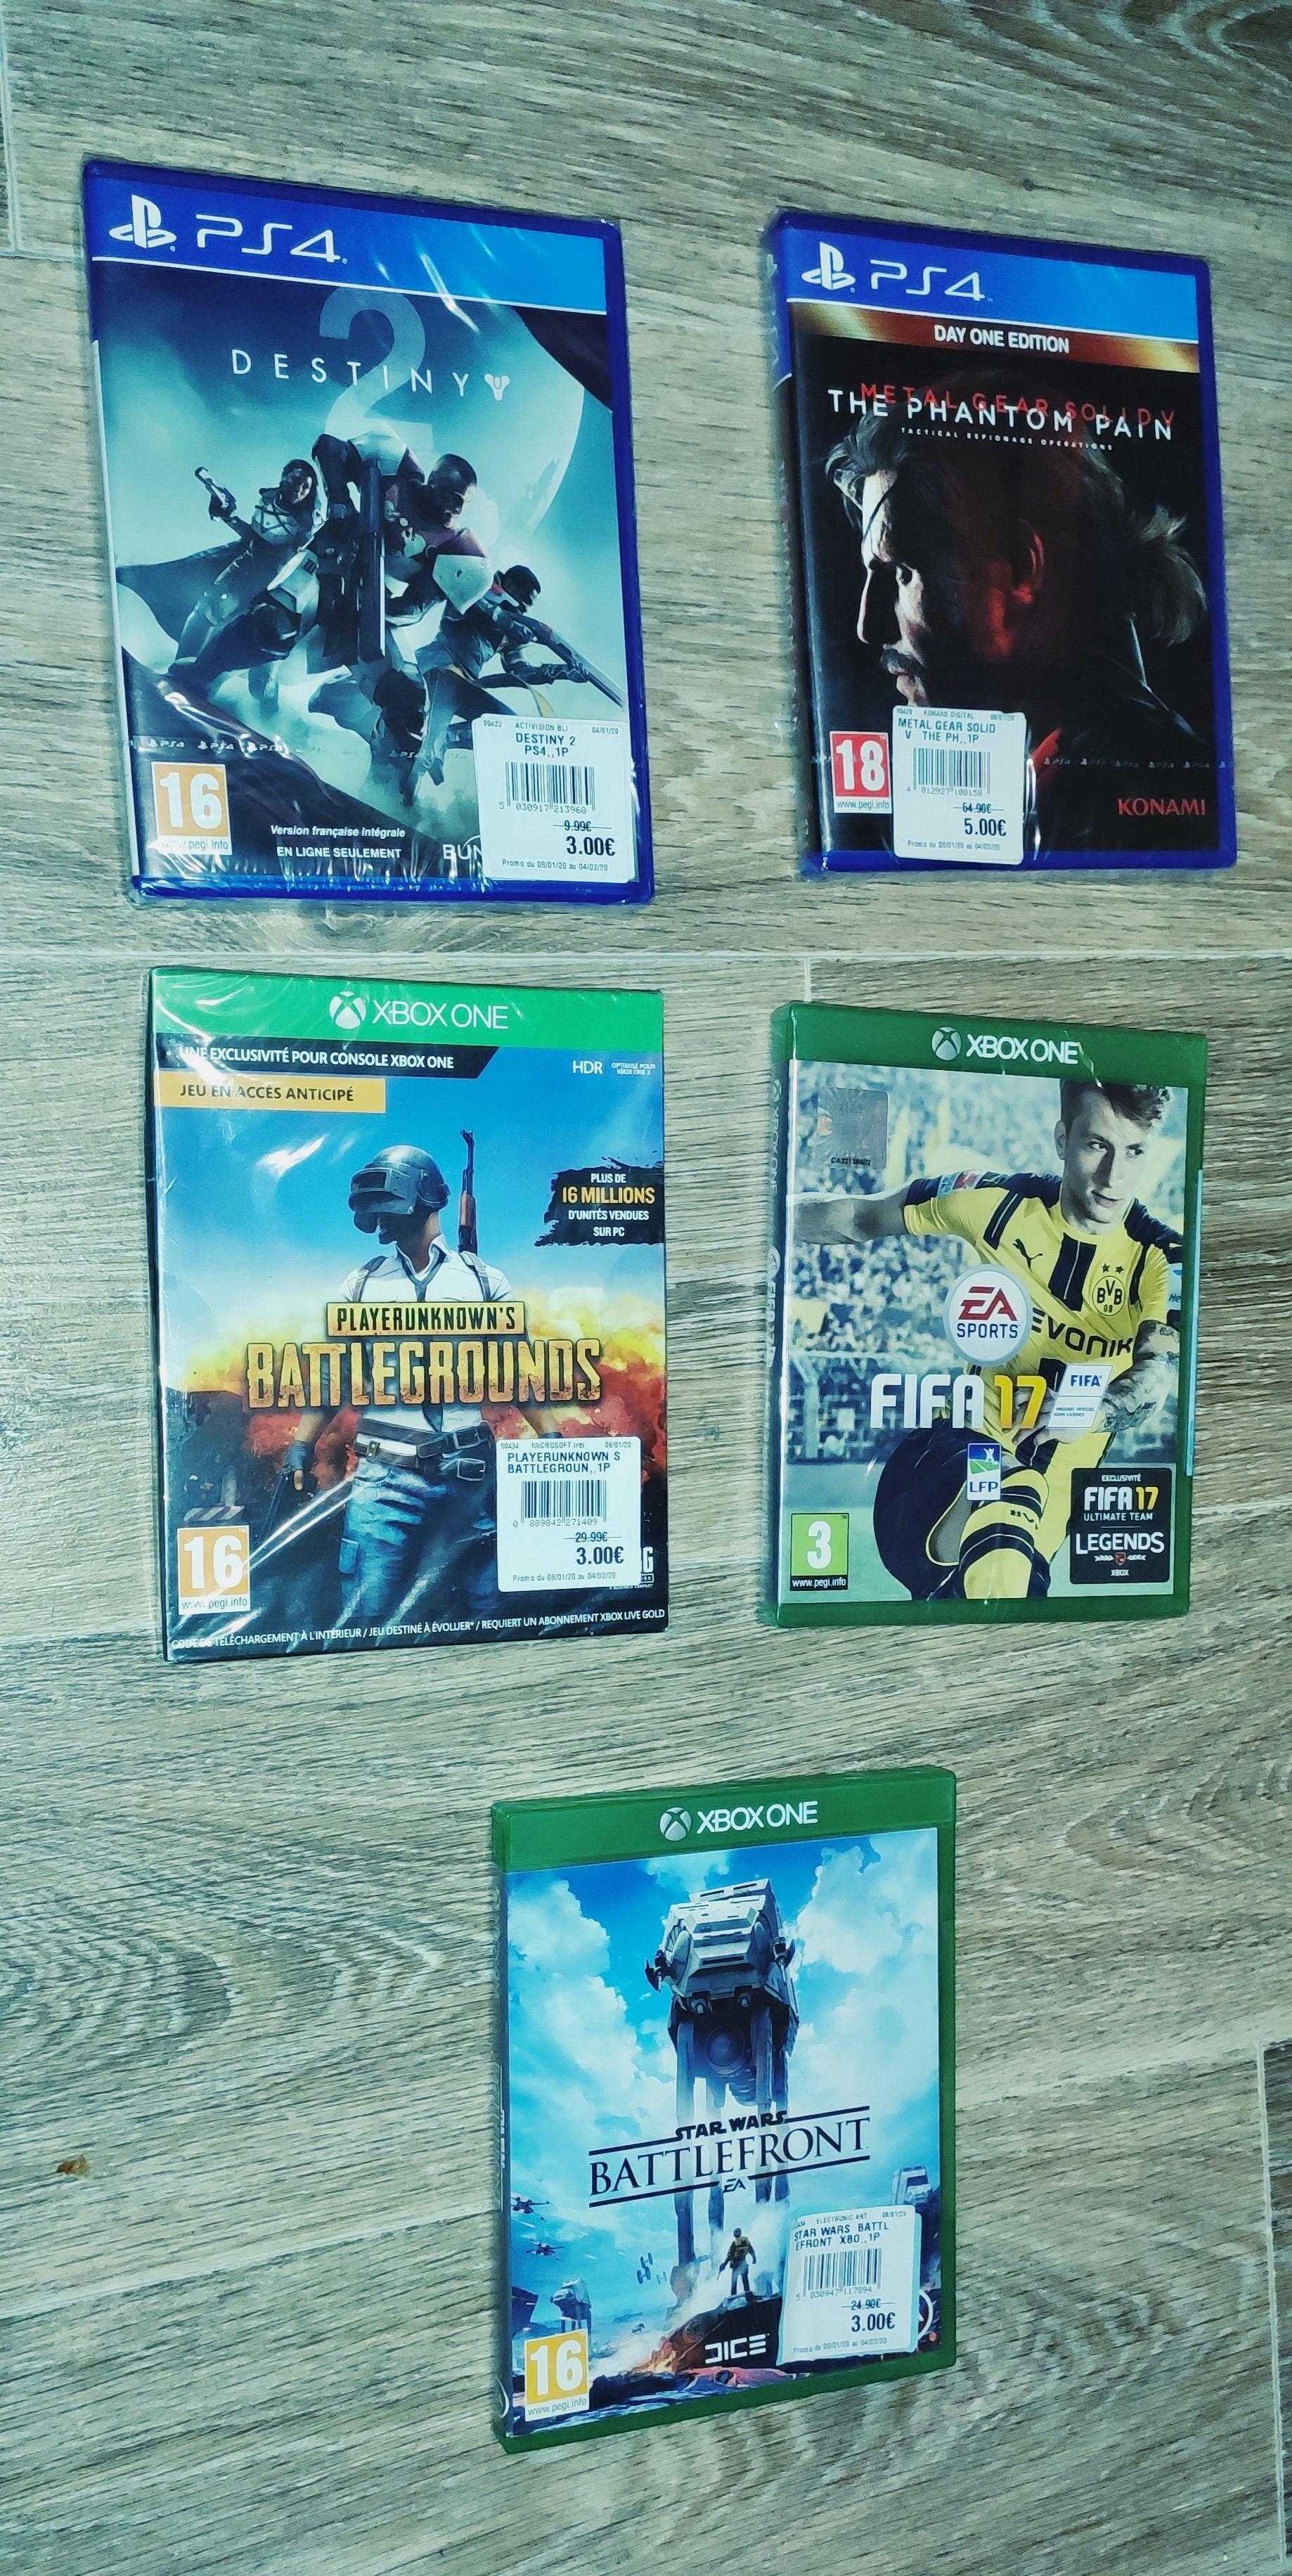 Sélection de jeux Xbox One / PS4 / WII U / en promotion - Ex: PUBG sur Xbox One - Chécy (45)